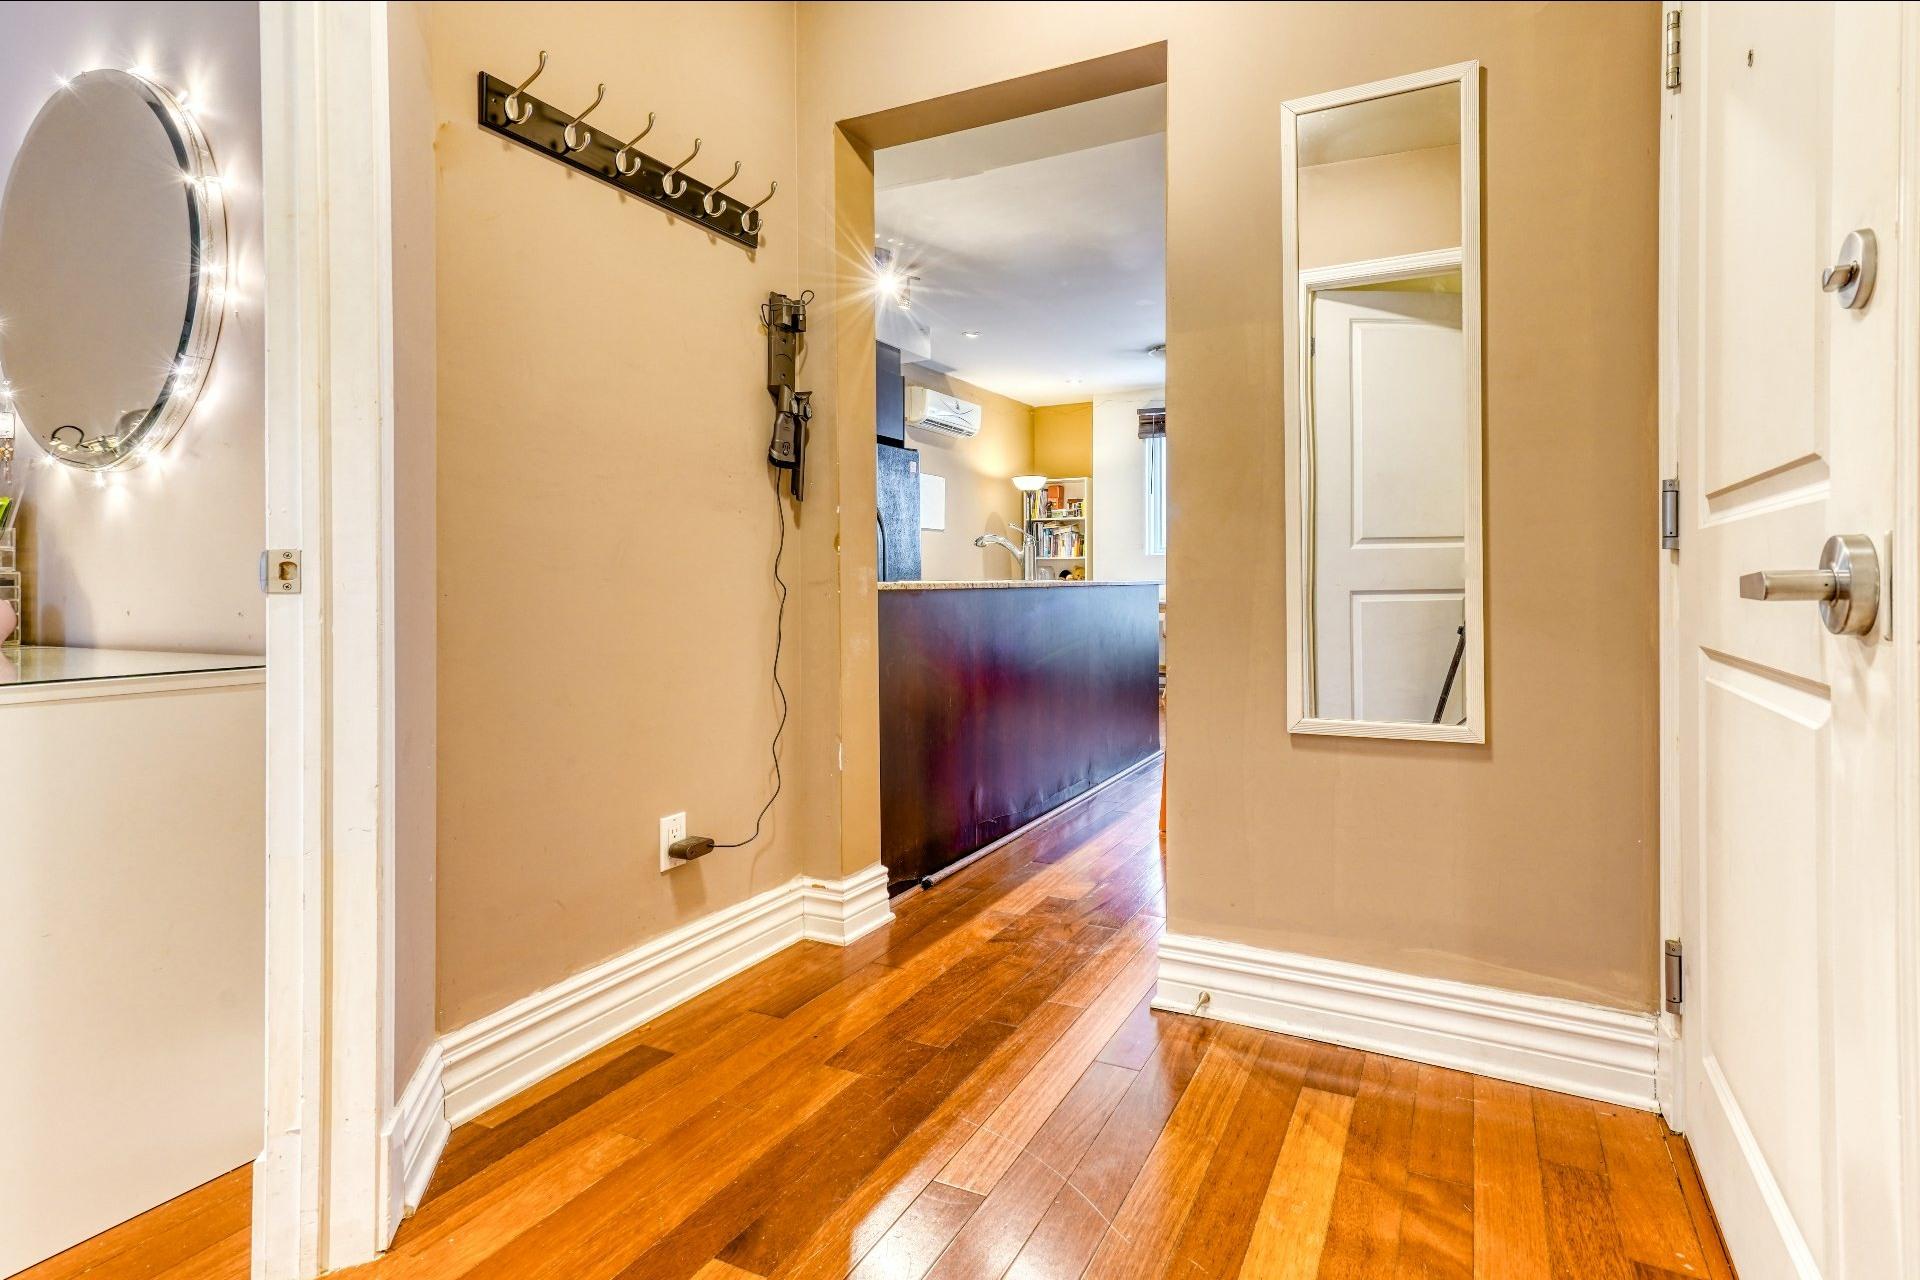 image 14 - Appartement À vendre Le Plateau-Mont-Royal Montréal  - 3 pièces